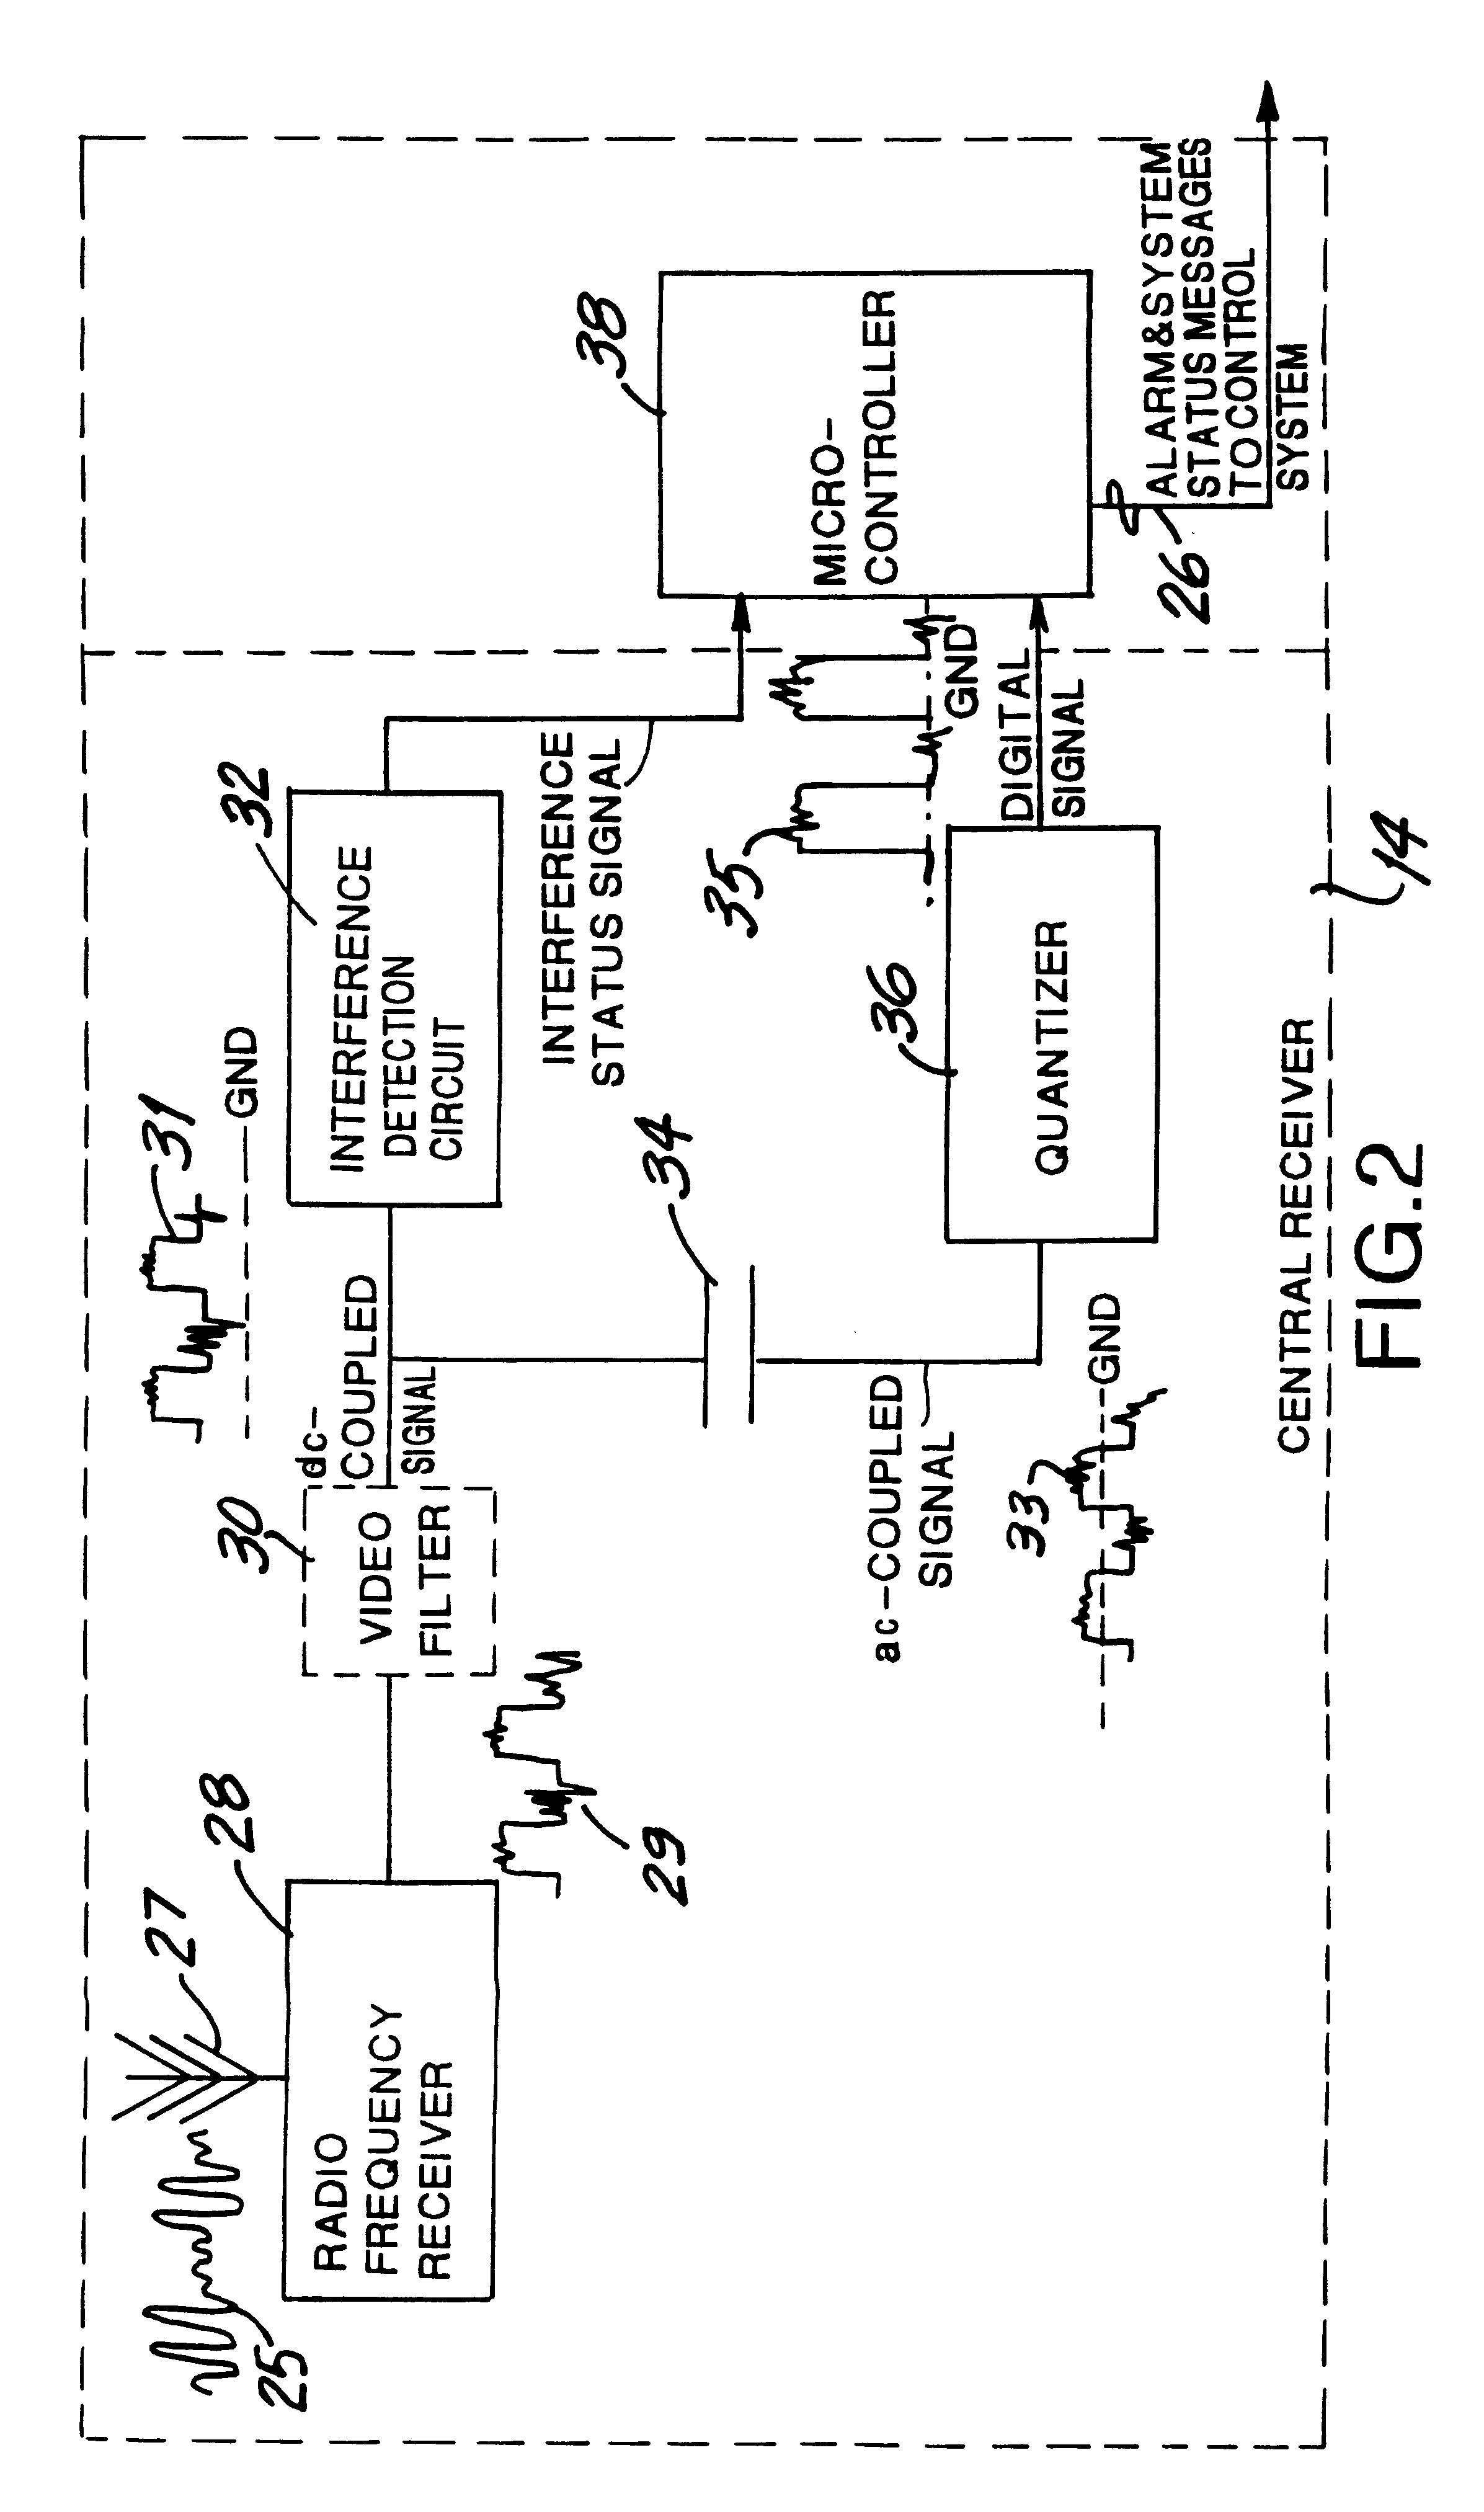 patent us6229997